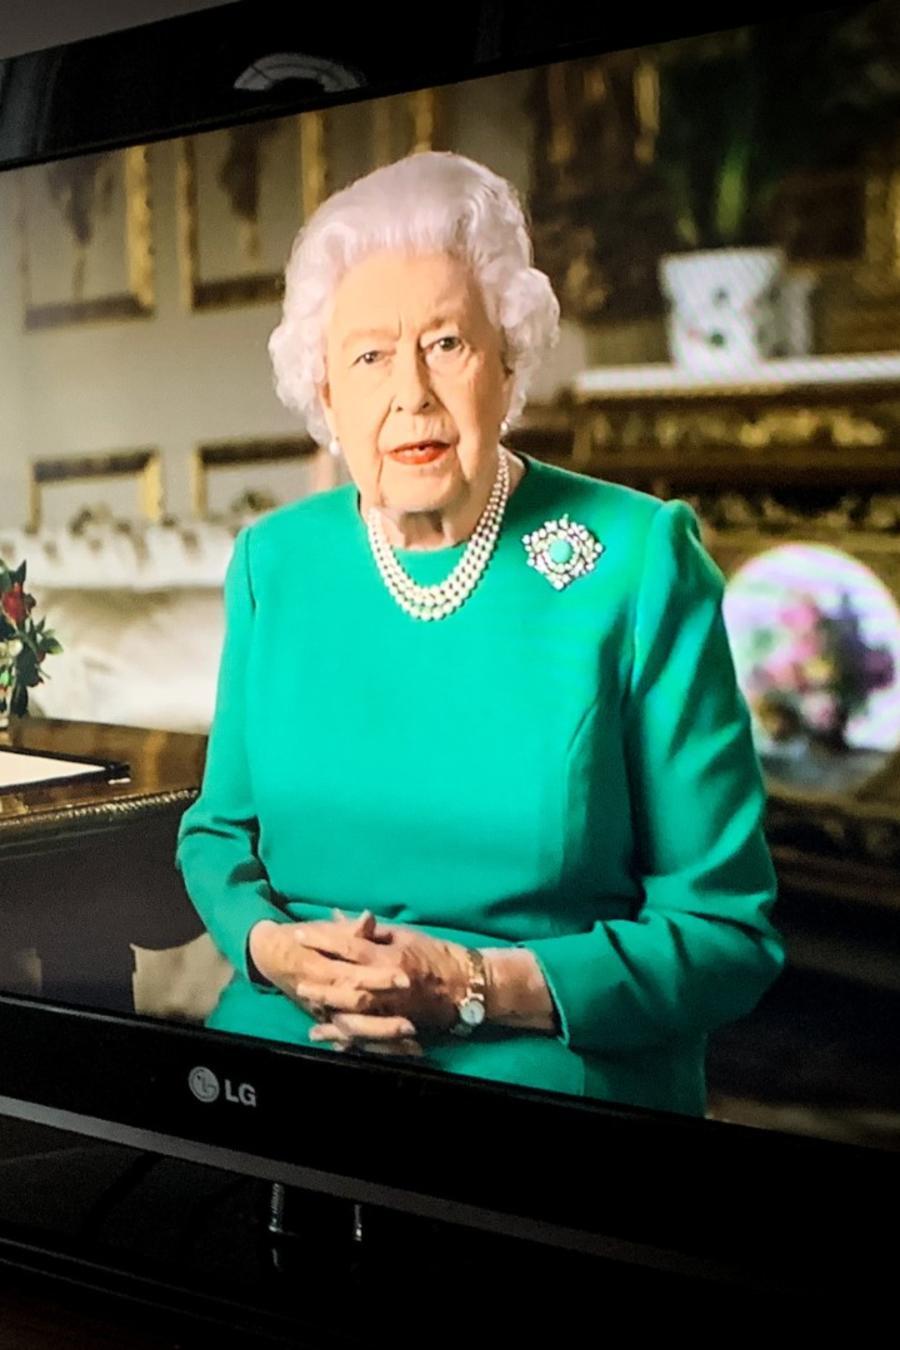 La reina Isabel rompe el silencio tras la pandemia por el COVID-19